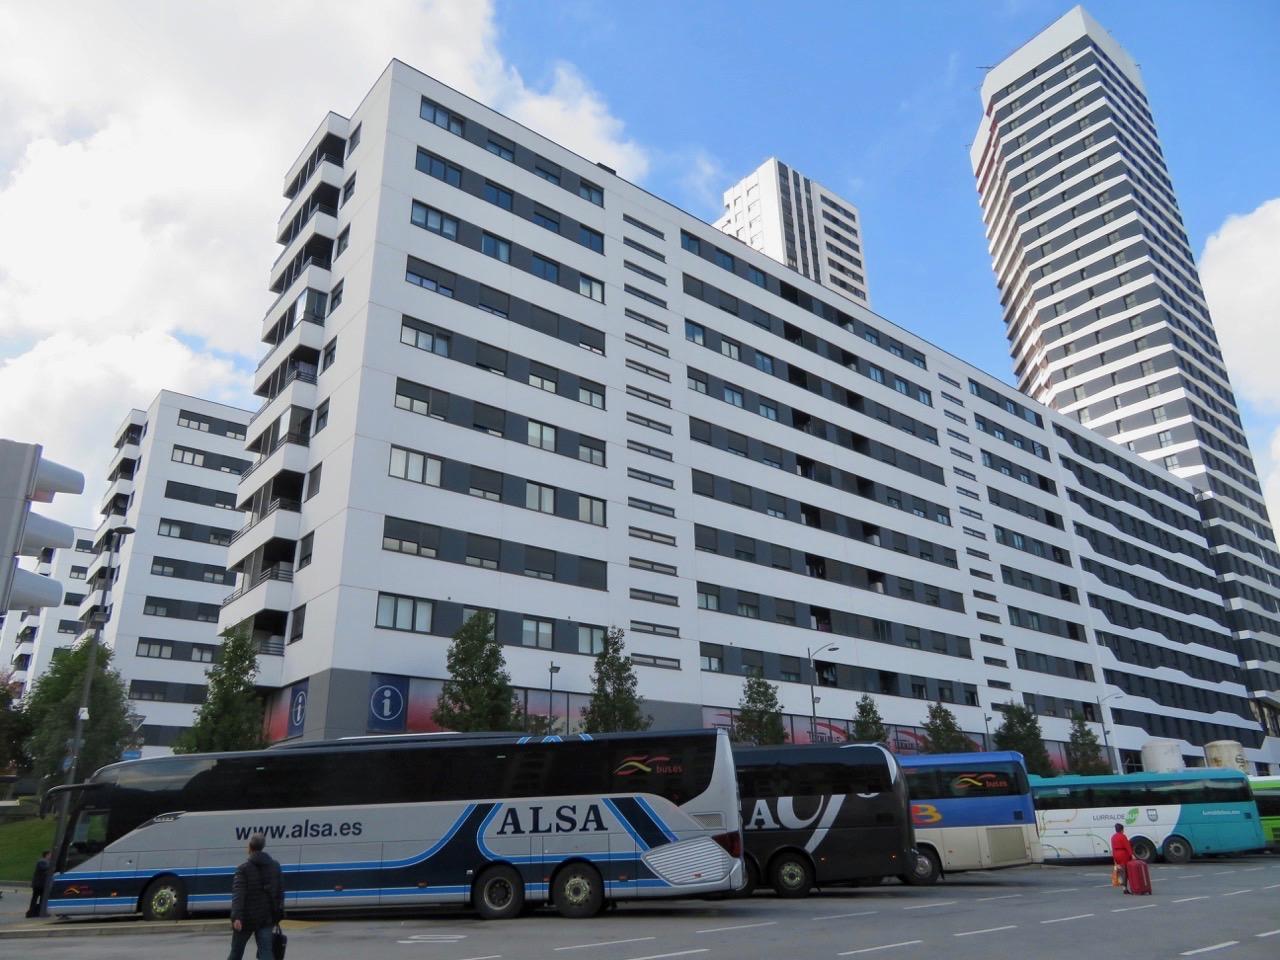 Gårdagens resa fortsatte med buss från Bilbao till Santander